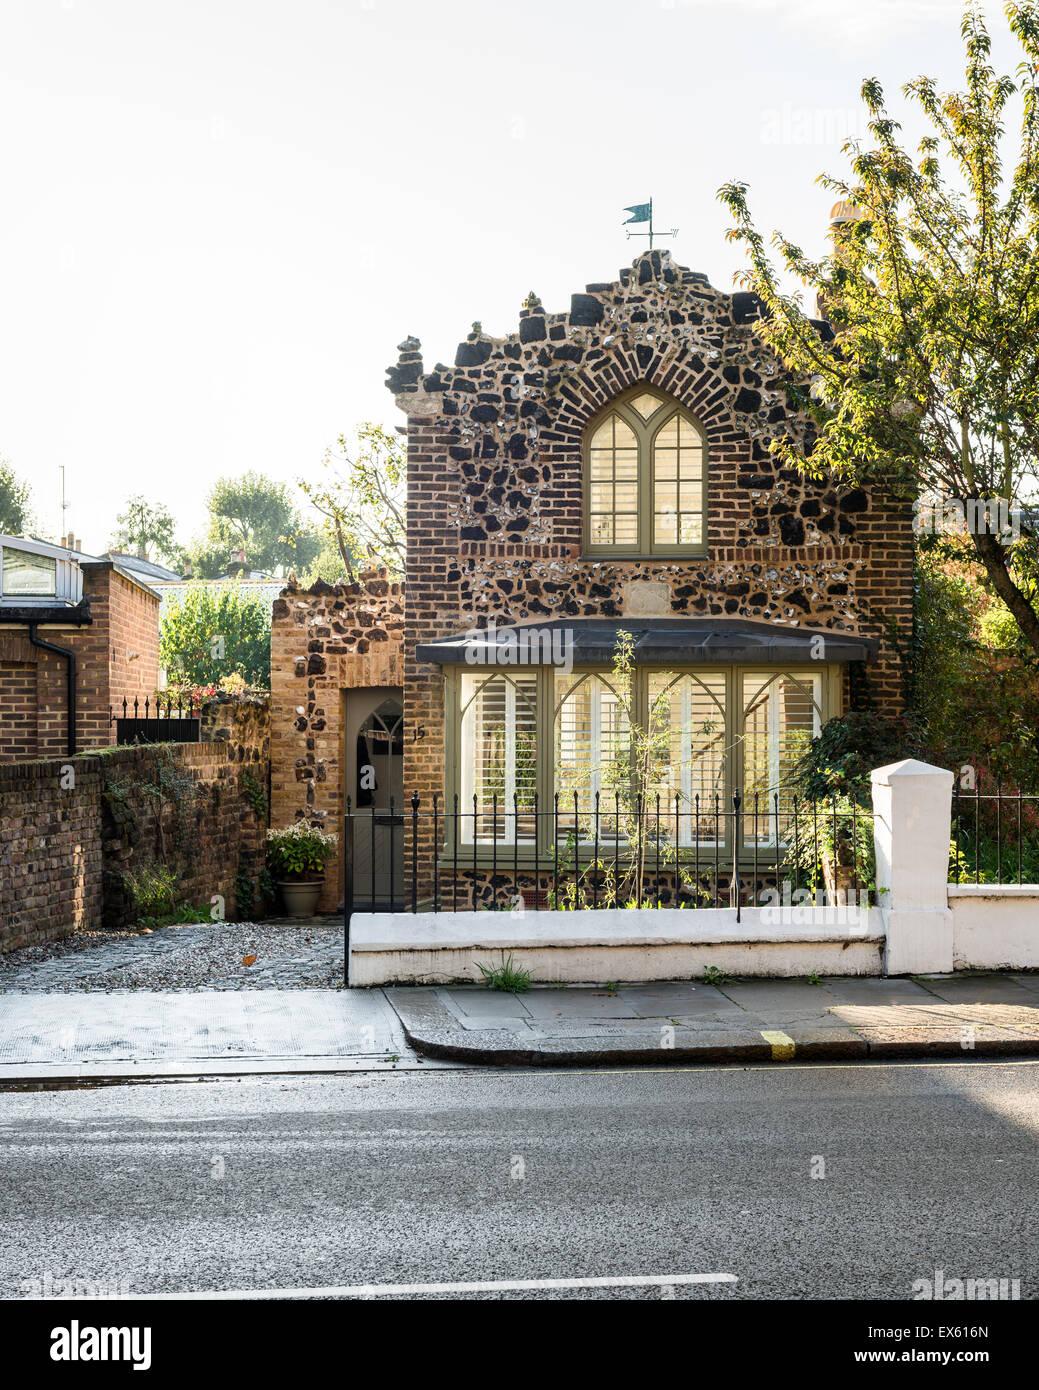 La Facciata Esterna Della Storica Distaccata A Londra Con Cottage In